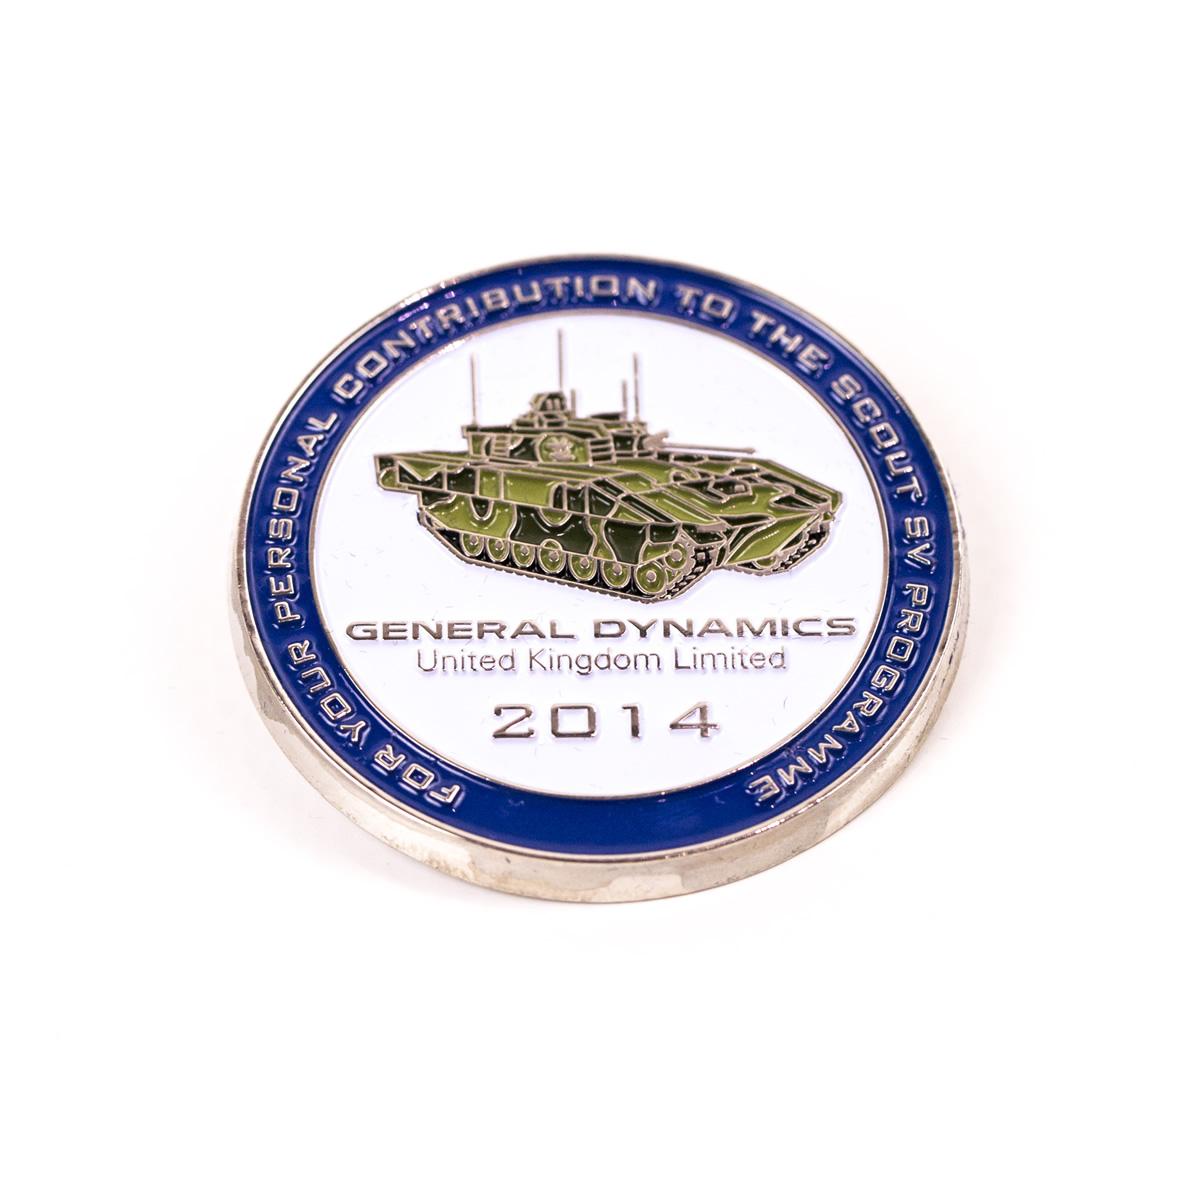 Custom Commemorative Coins | Medals - i4c Publicity Ltd